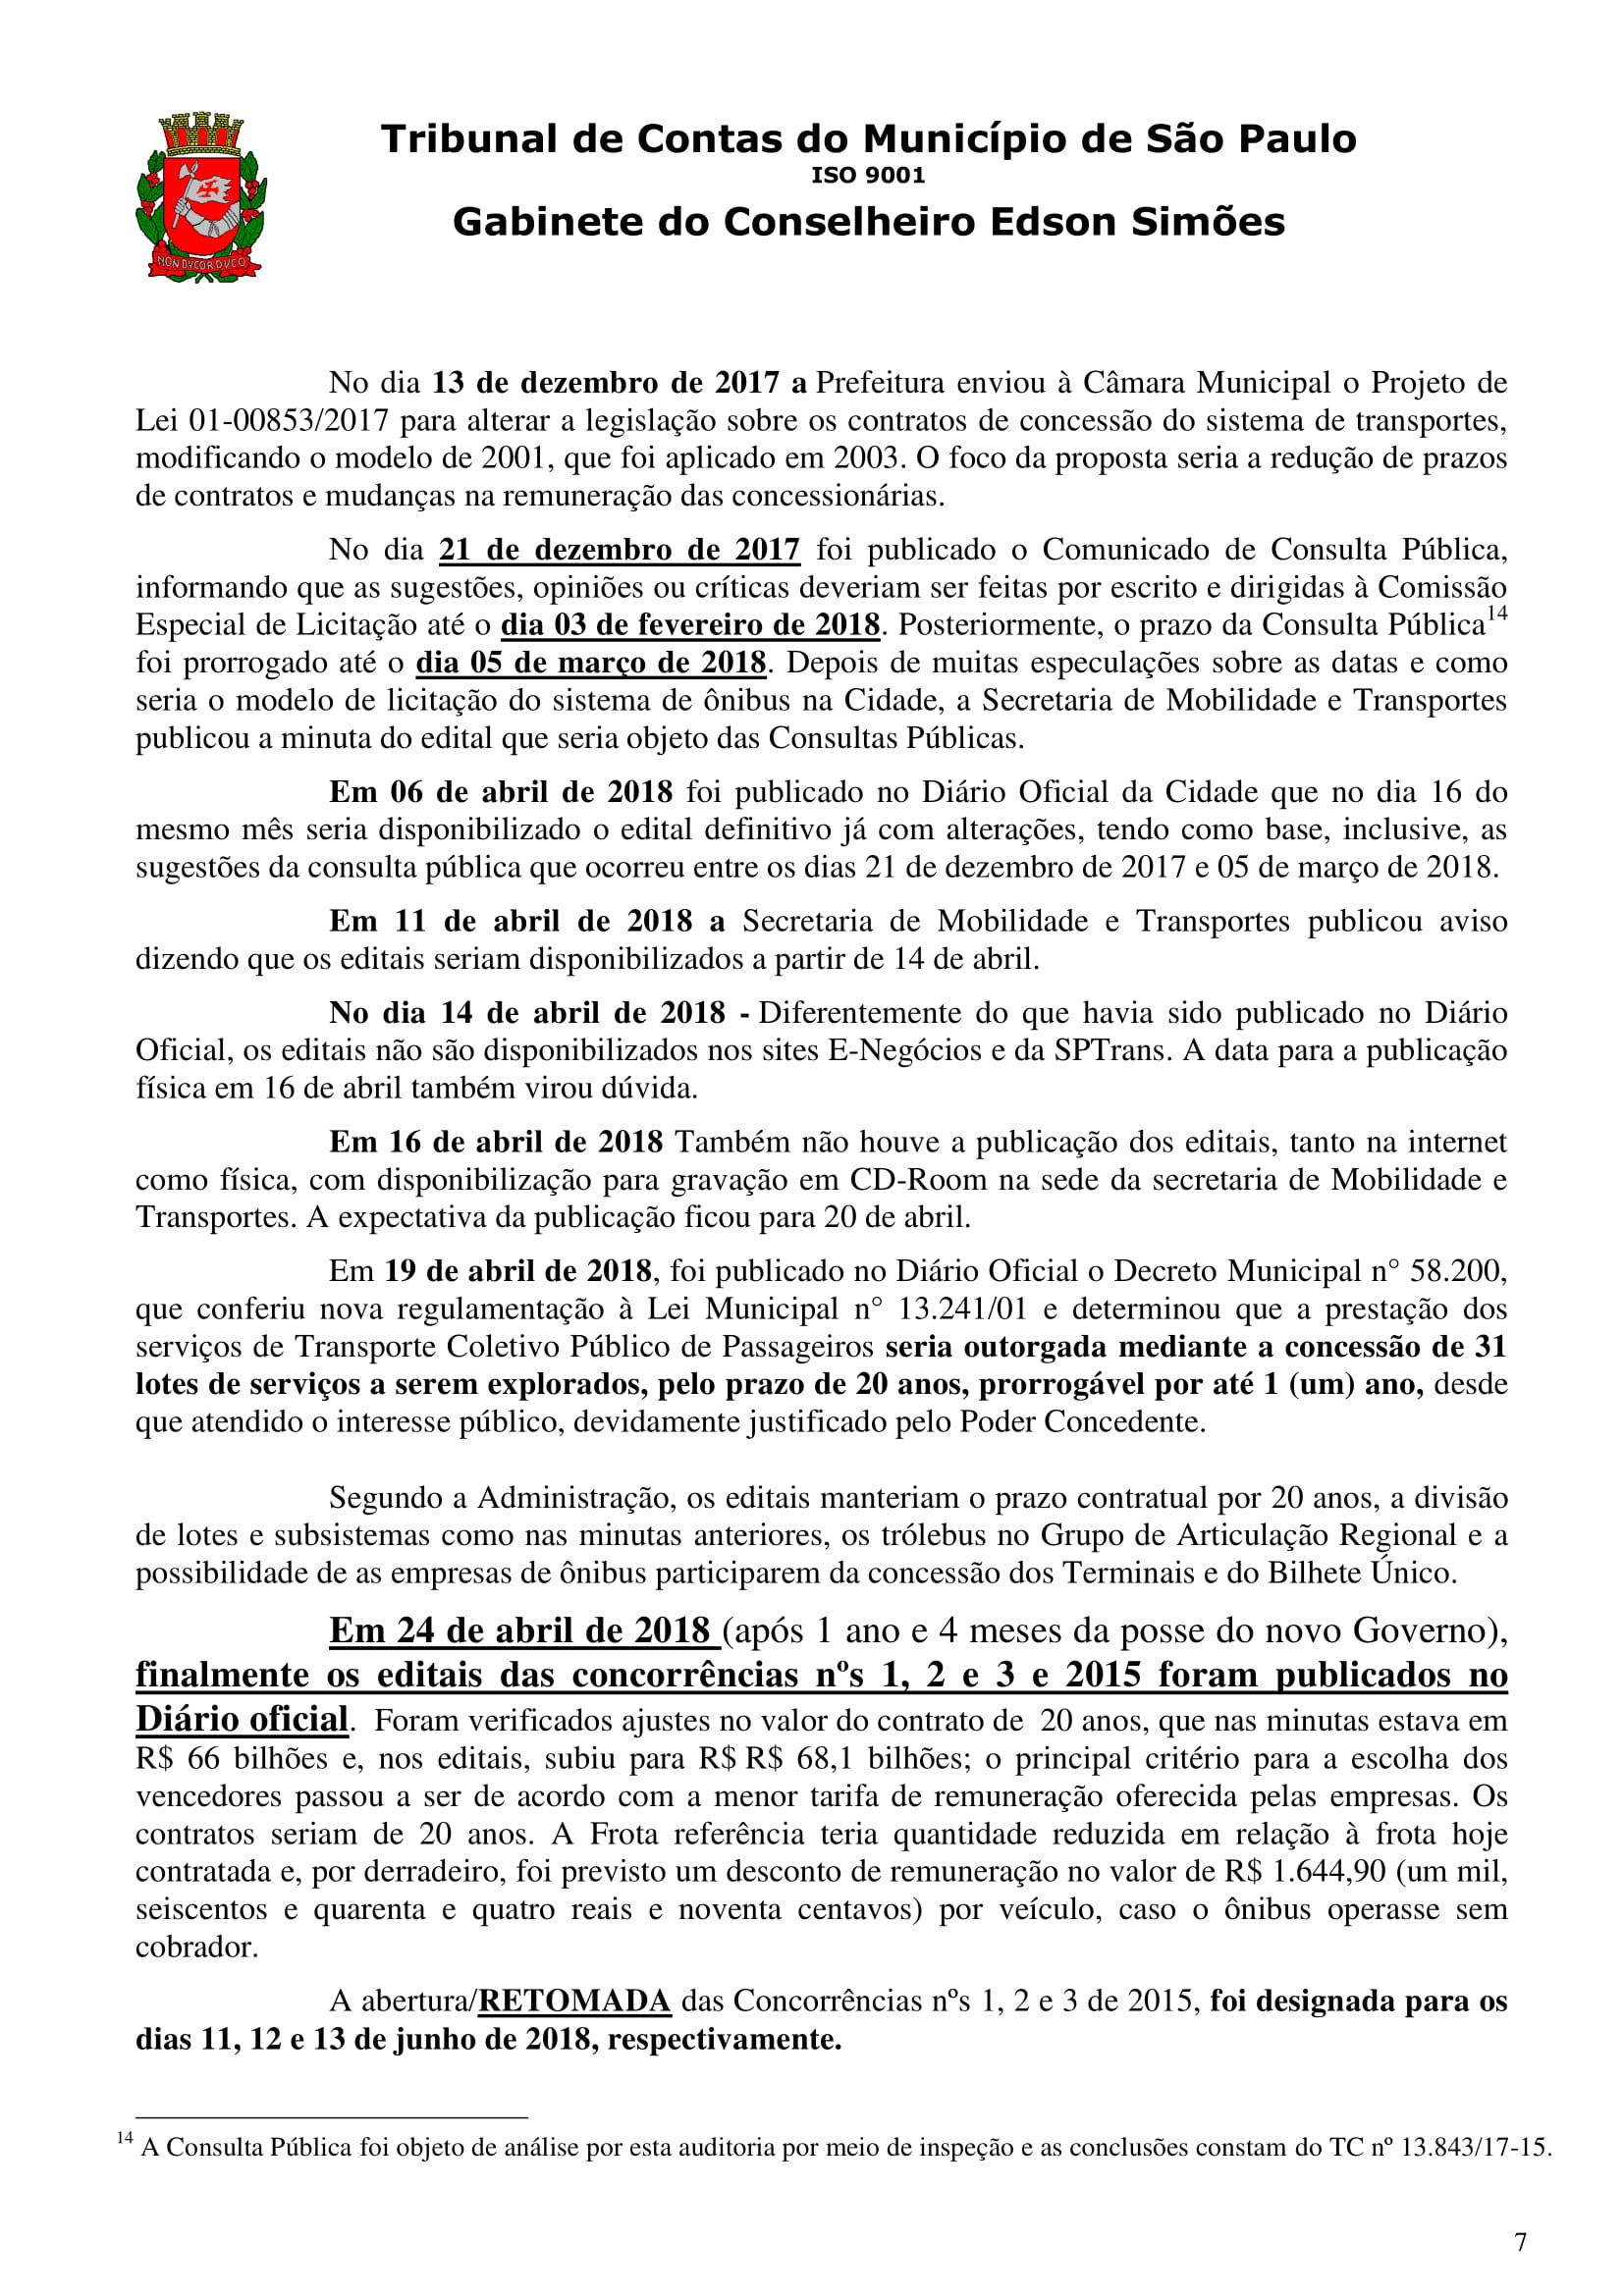 ofício-gb-2038-18 (Concessão Ônibus 2018) – SMT 08.08.18 – pdf-07